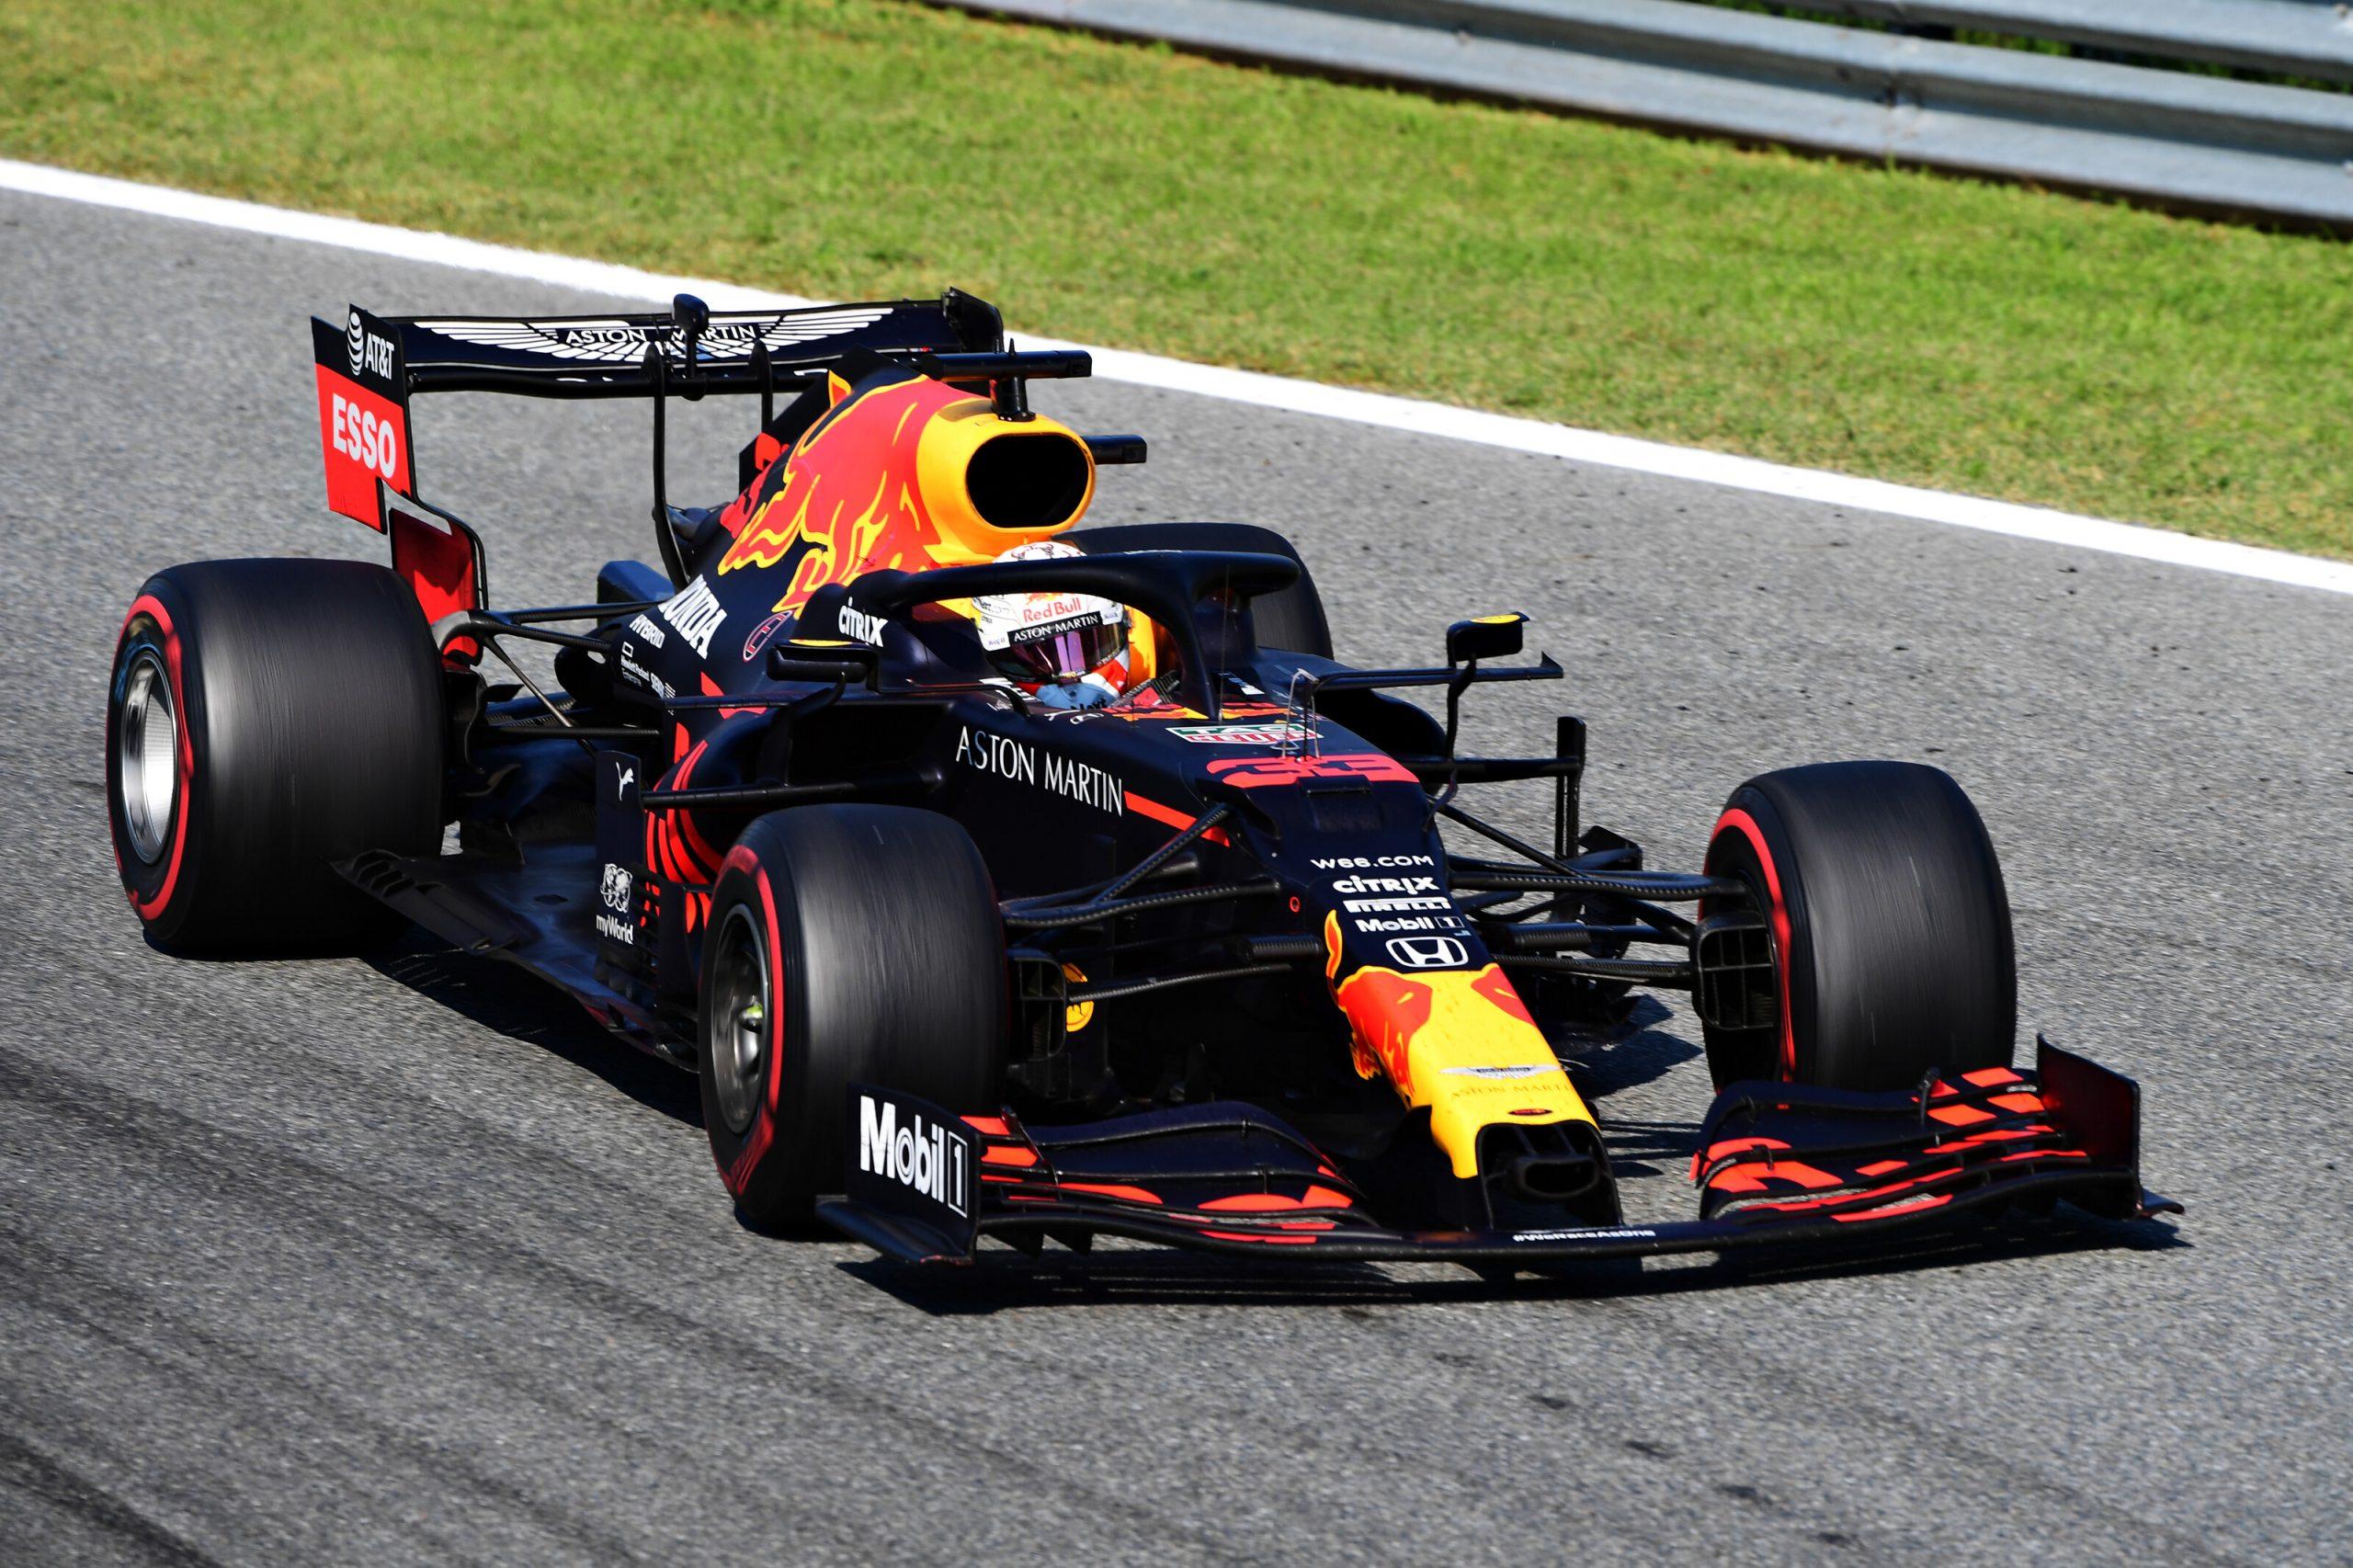 Voorbeschouwing van de GP van Toscane 2020